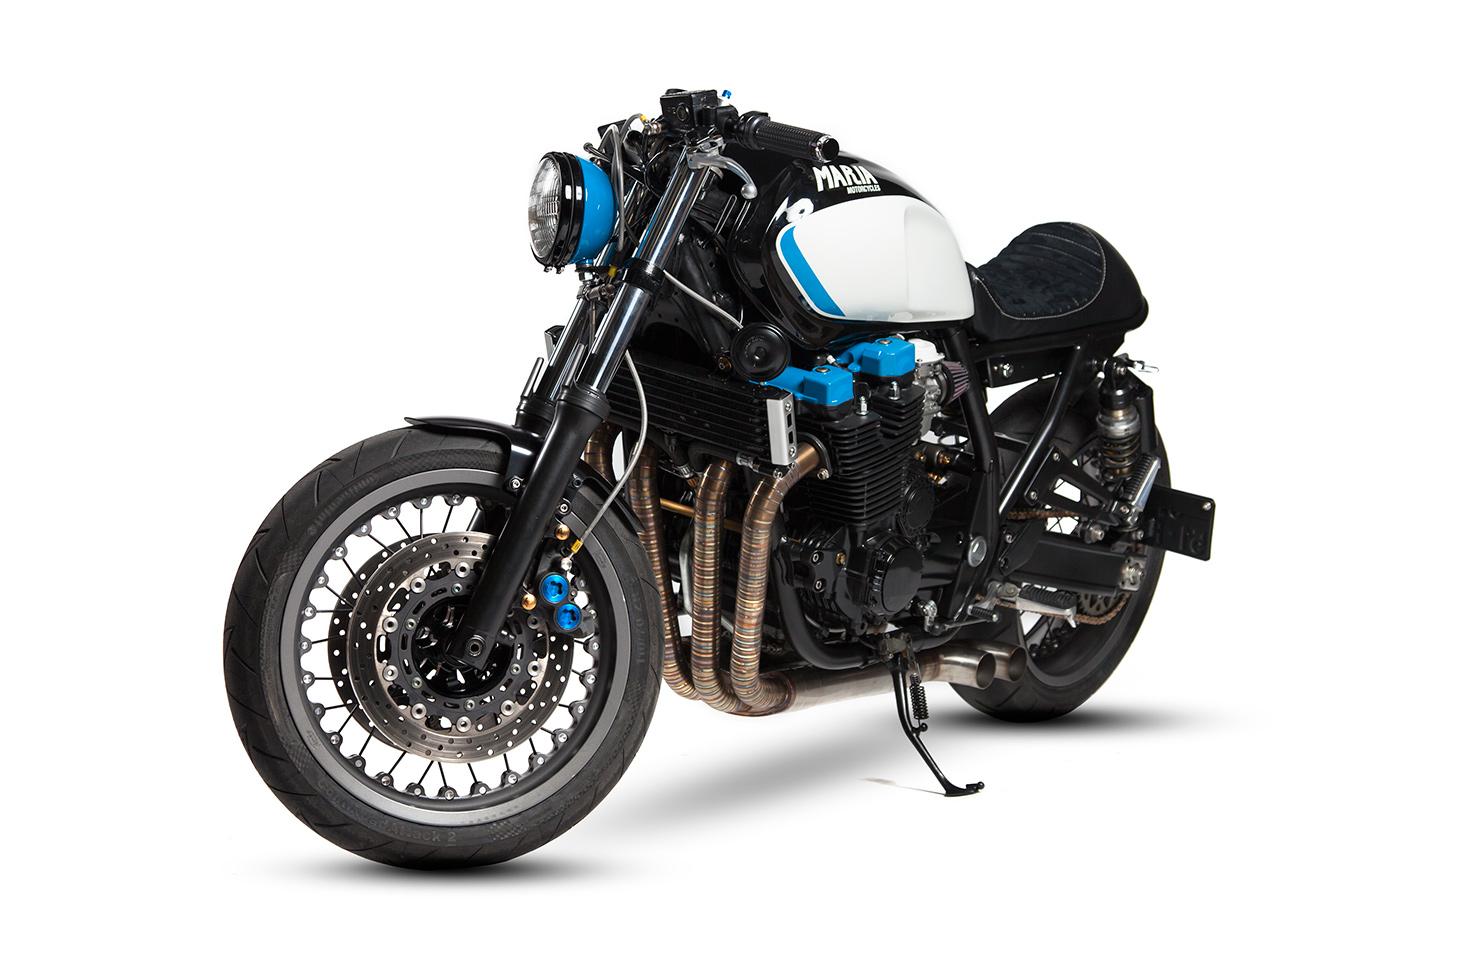 maria_motorcycles_yamaha_xjr1300_colossus_6192